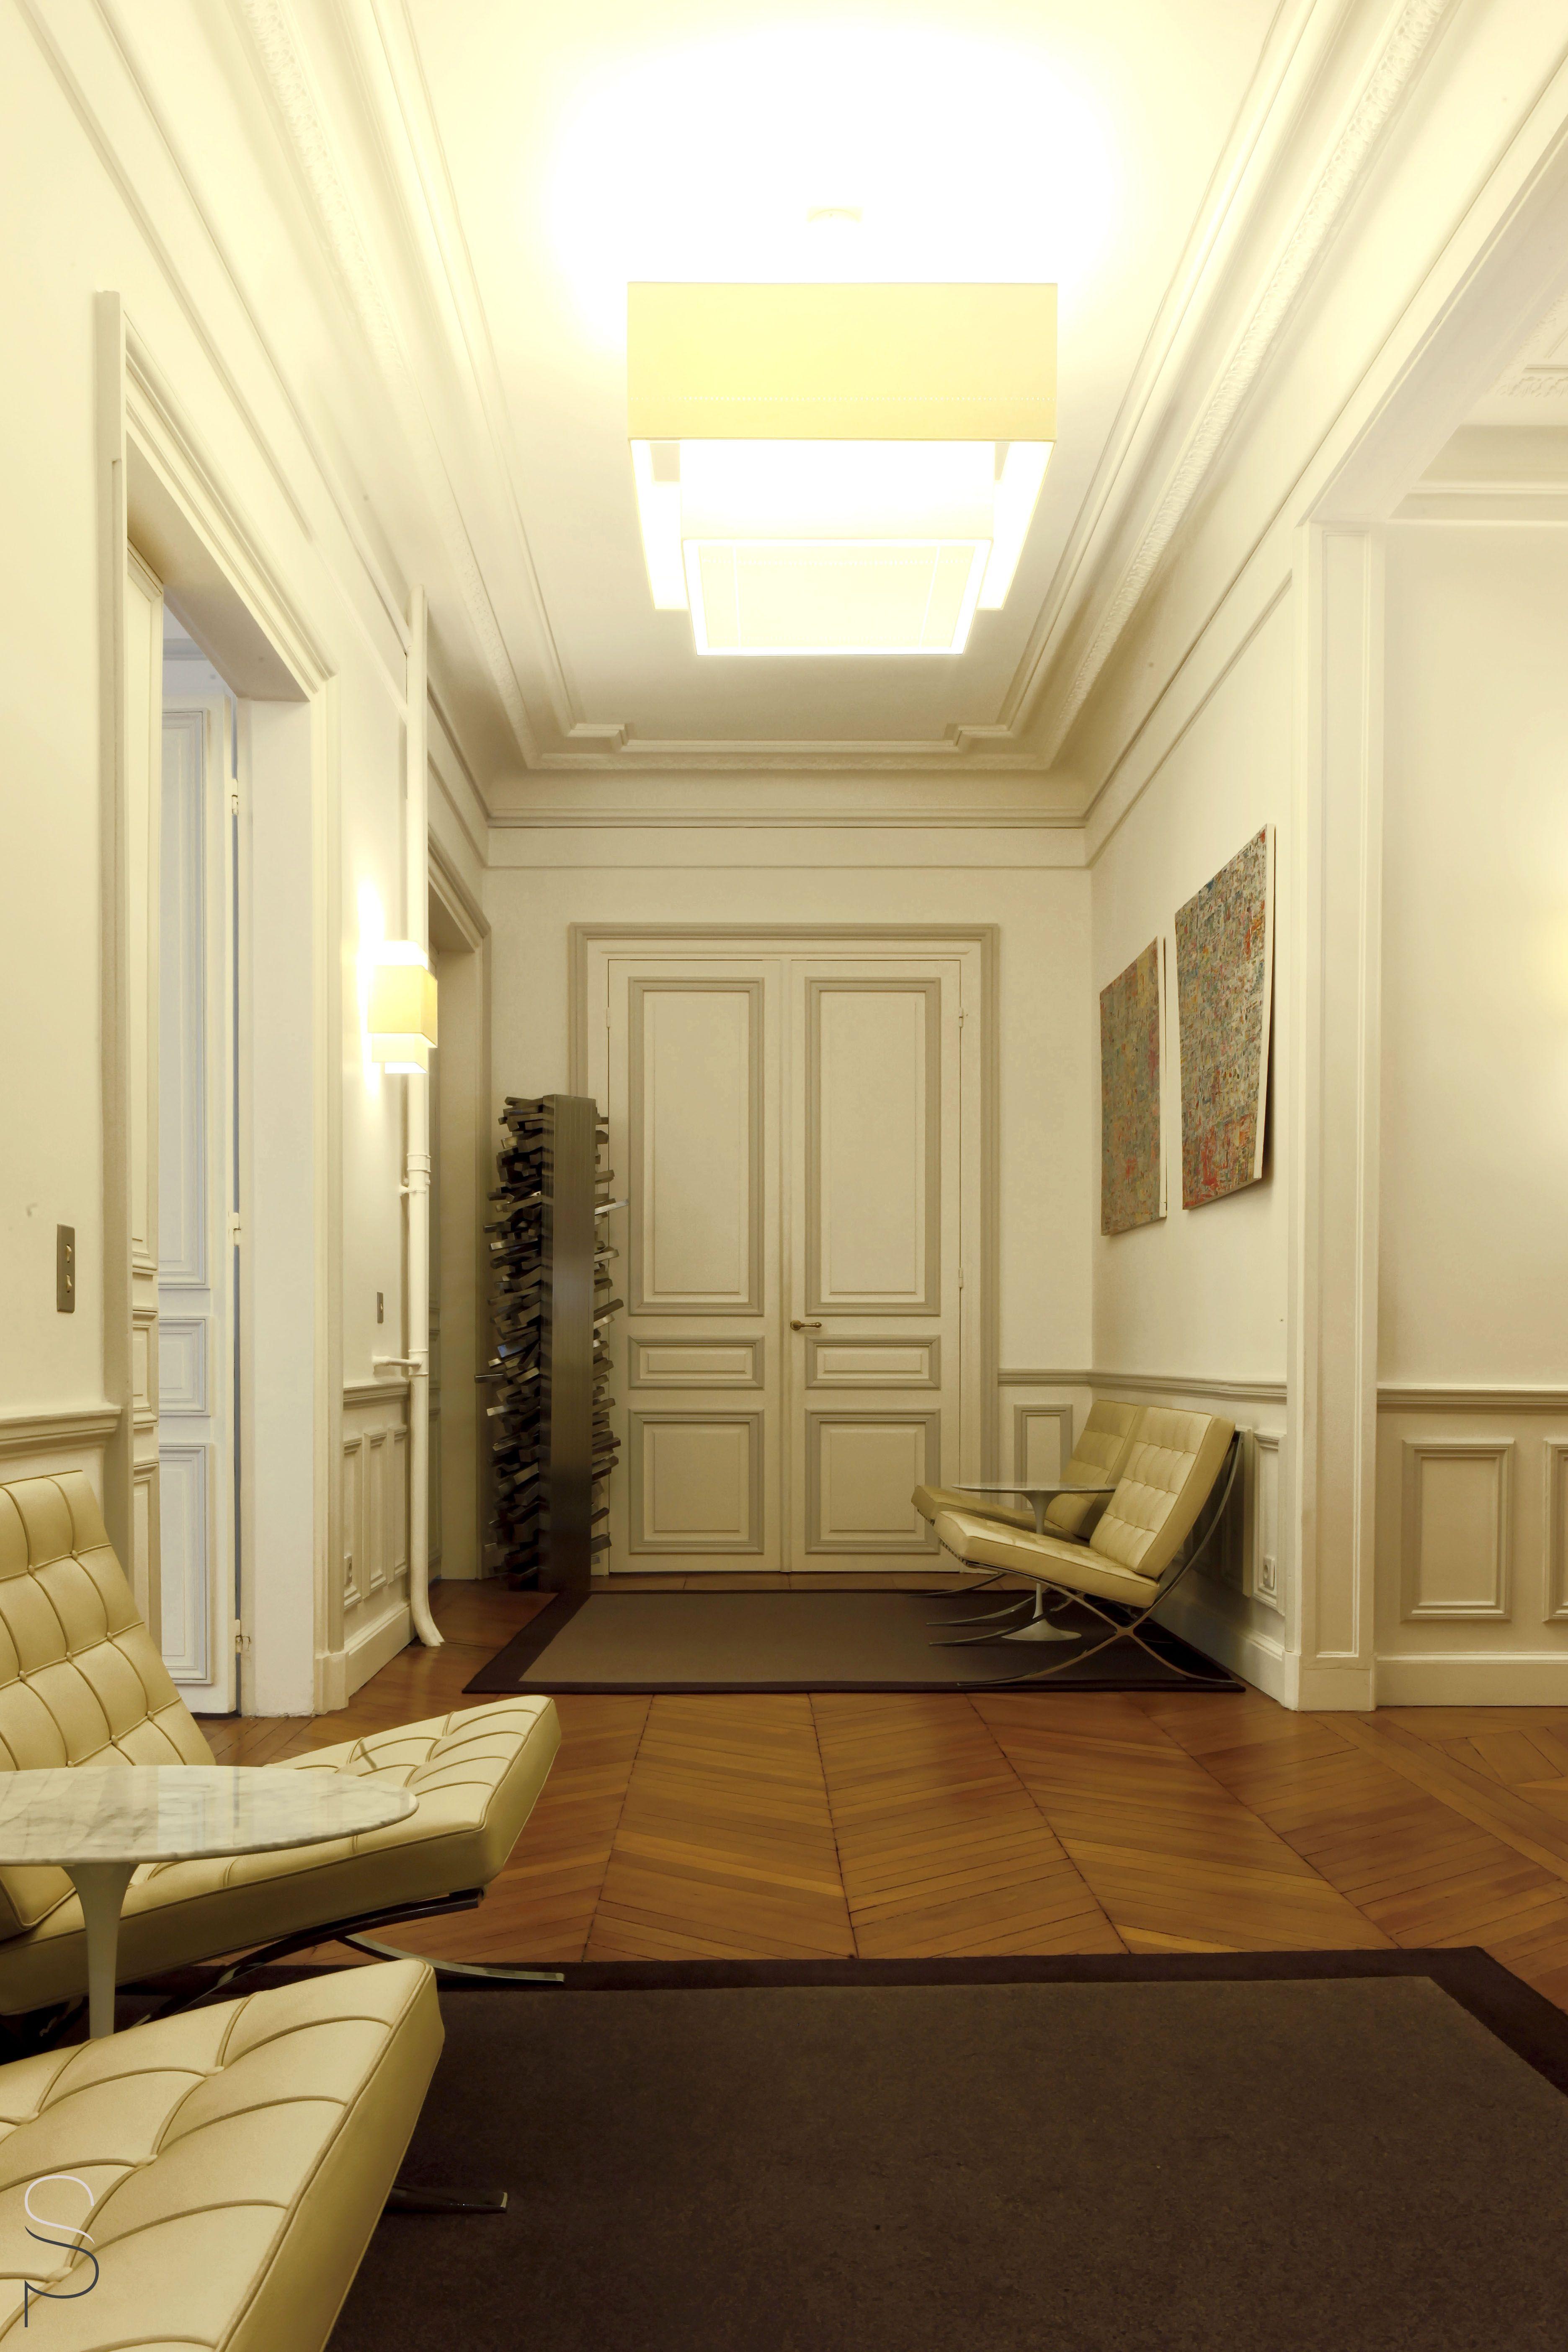 Bureau D Avocats Paris 8eme Bureau D Avocat Deco Bureau Bureau